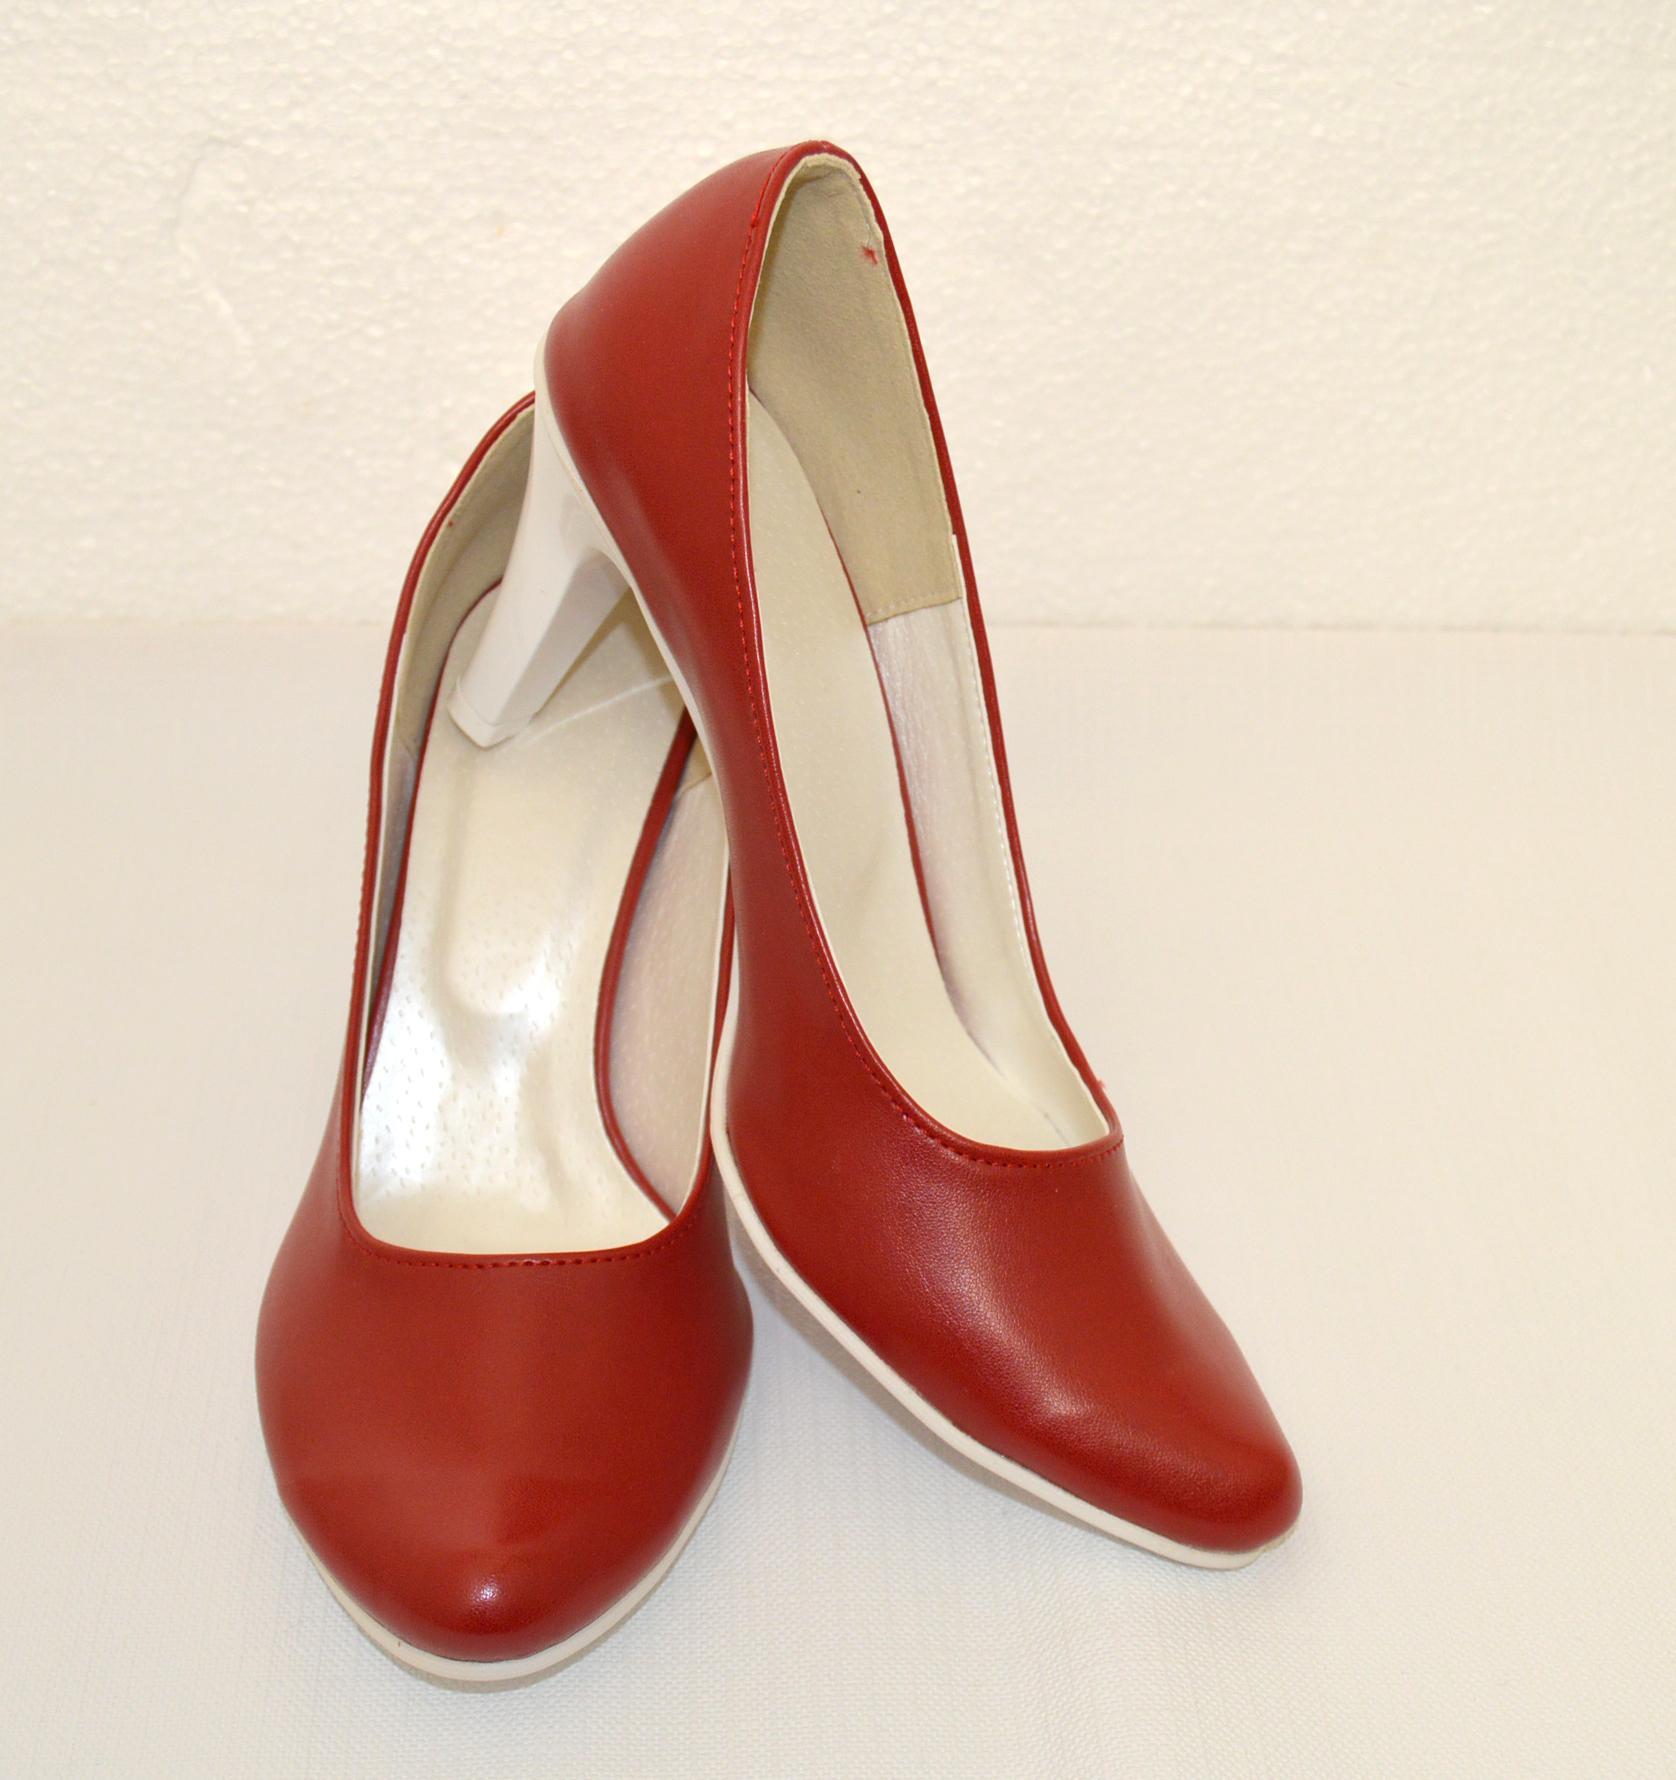 Spoločenská či svadobná obuv aj na každodenné nosenie - prečo nie - doprajte si pohodlné topánky aj každý deň, veď Vaše nohy si to zaslúžia 🙂 http://popelkateam.eu/jak-zacit/4594574200 Navrhnite si ich podľa svojho vkusu - Obrázok č. 2